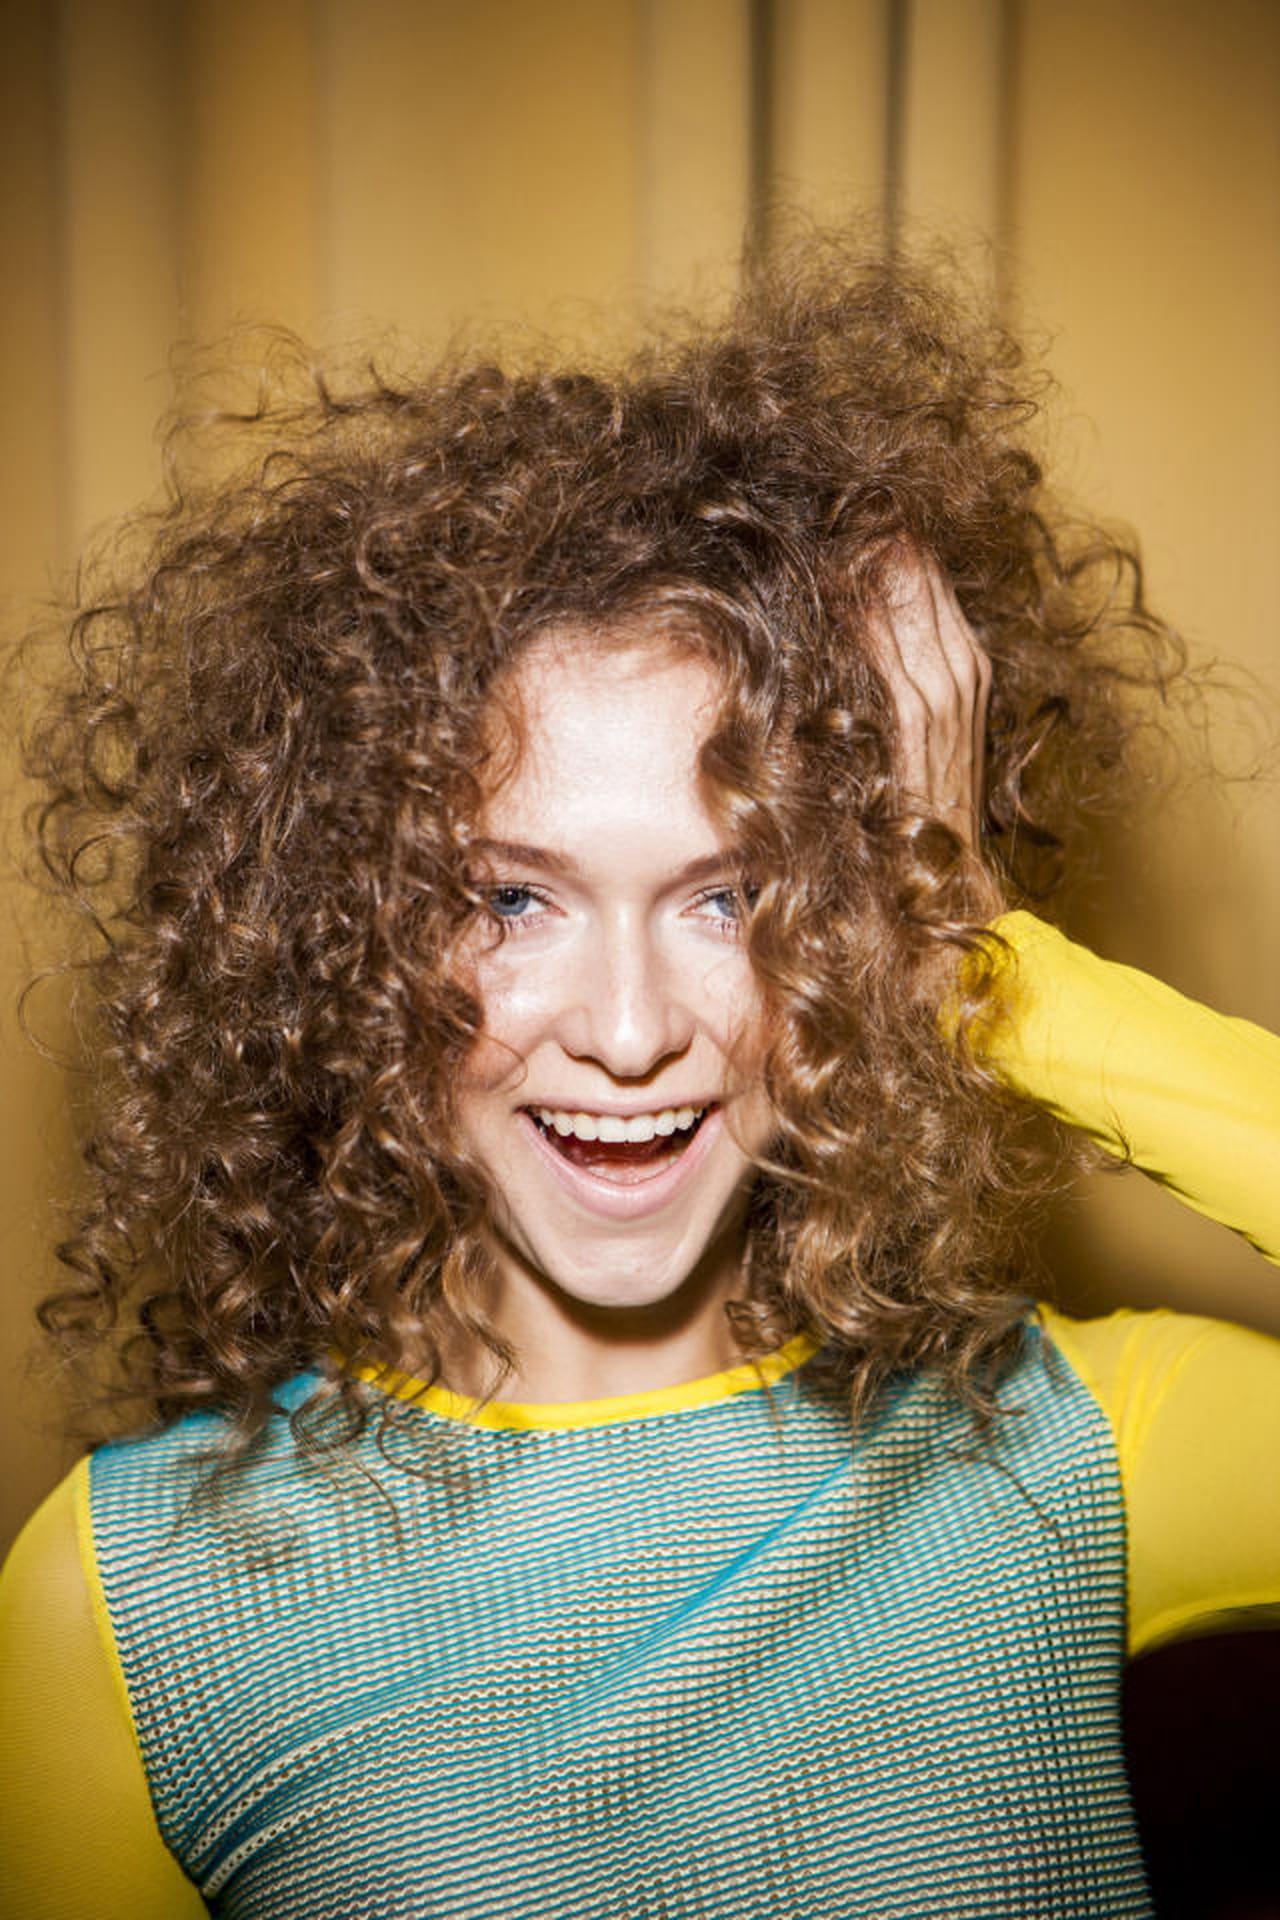 Acconciature capelli corti tirati da un lato